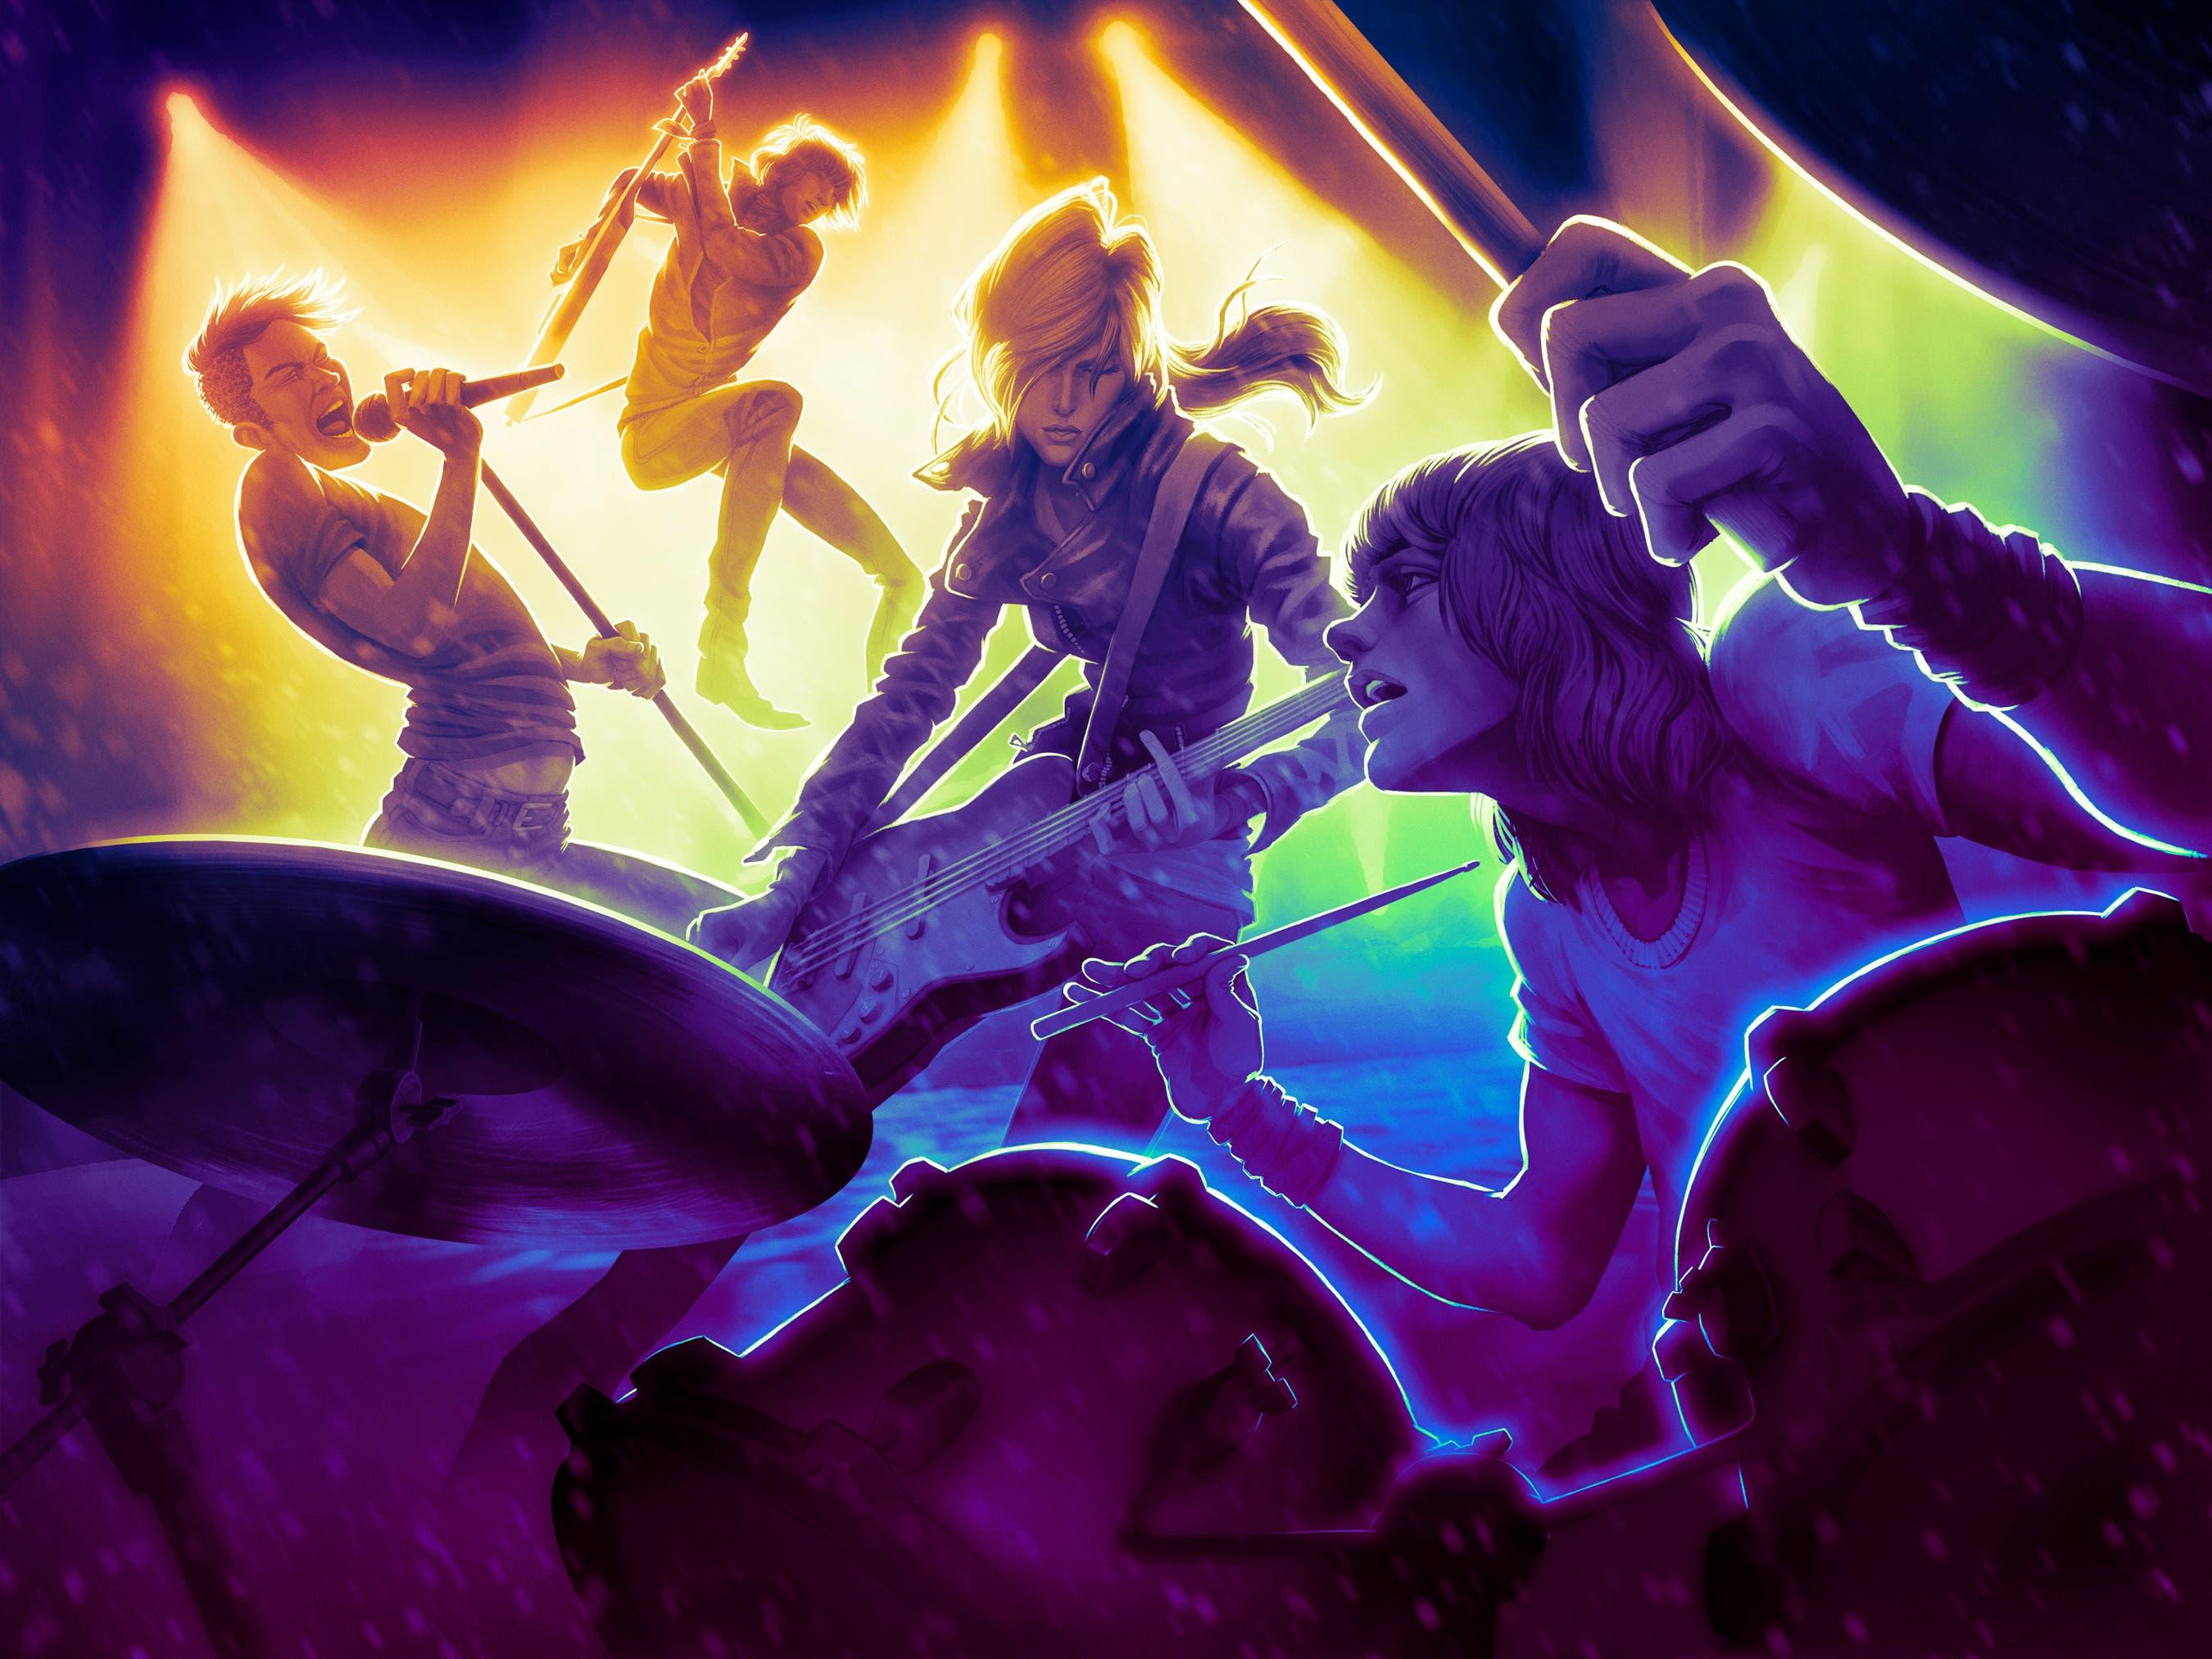 RockBand4 Promo Illustration nologo